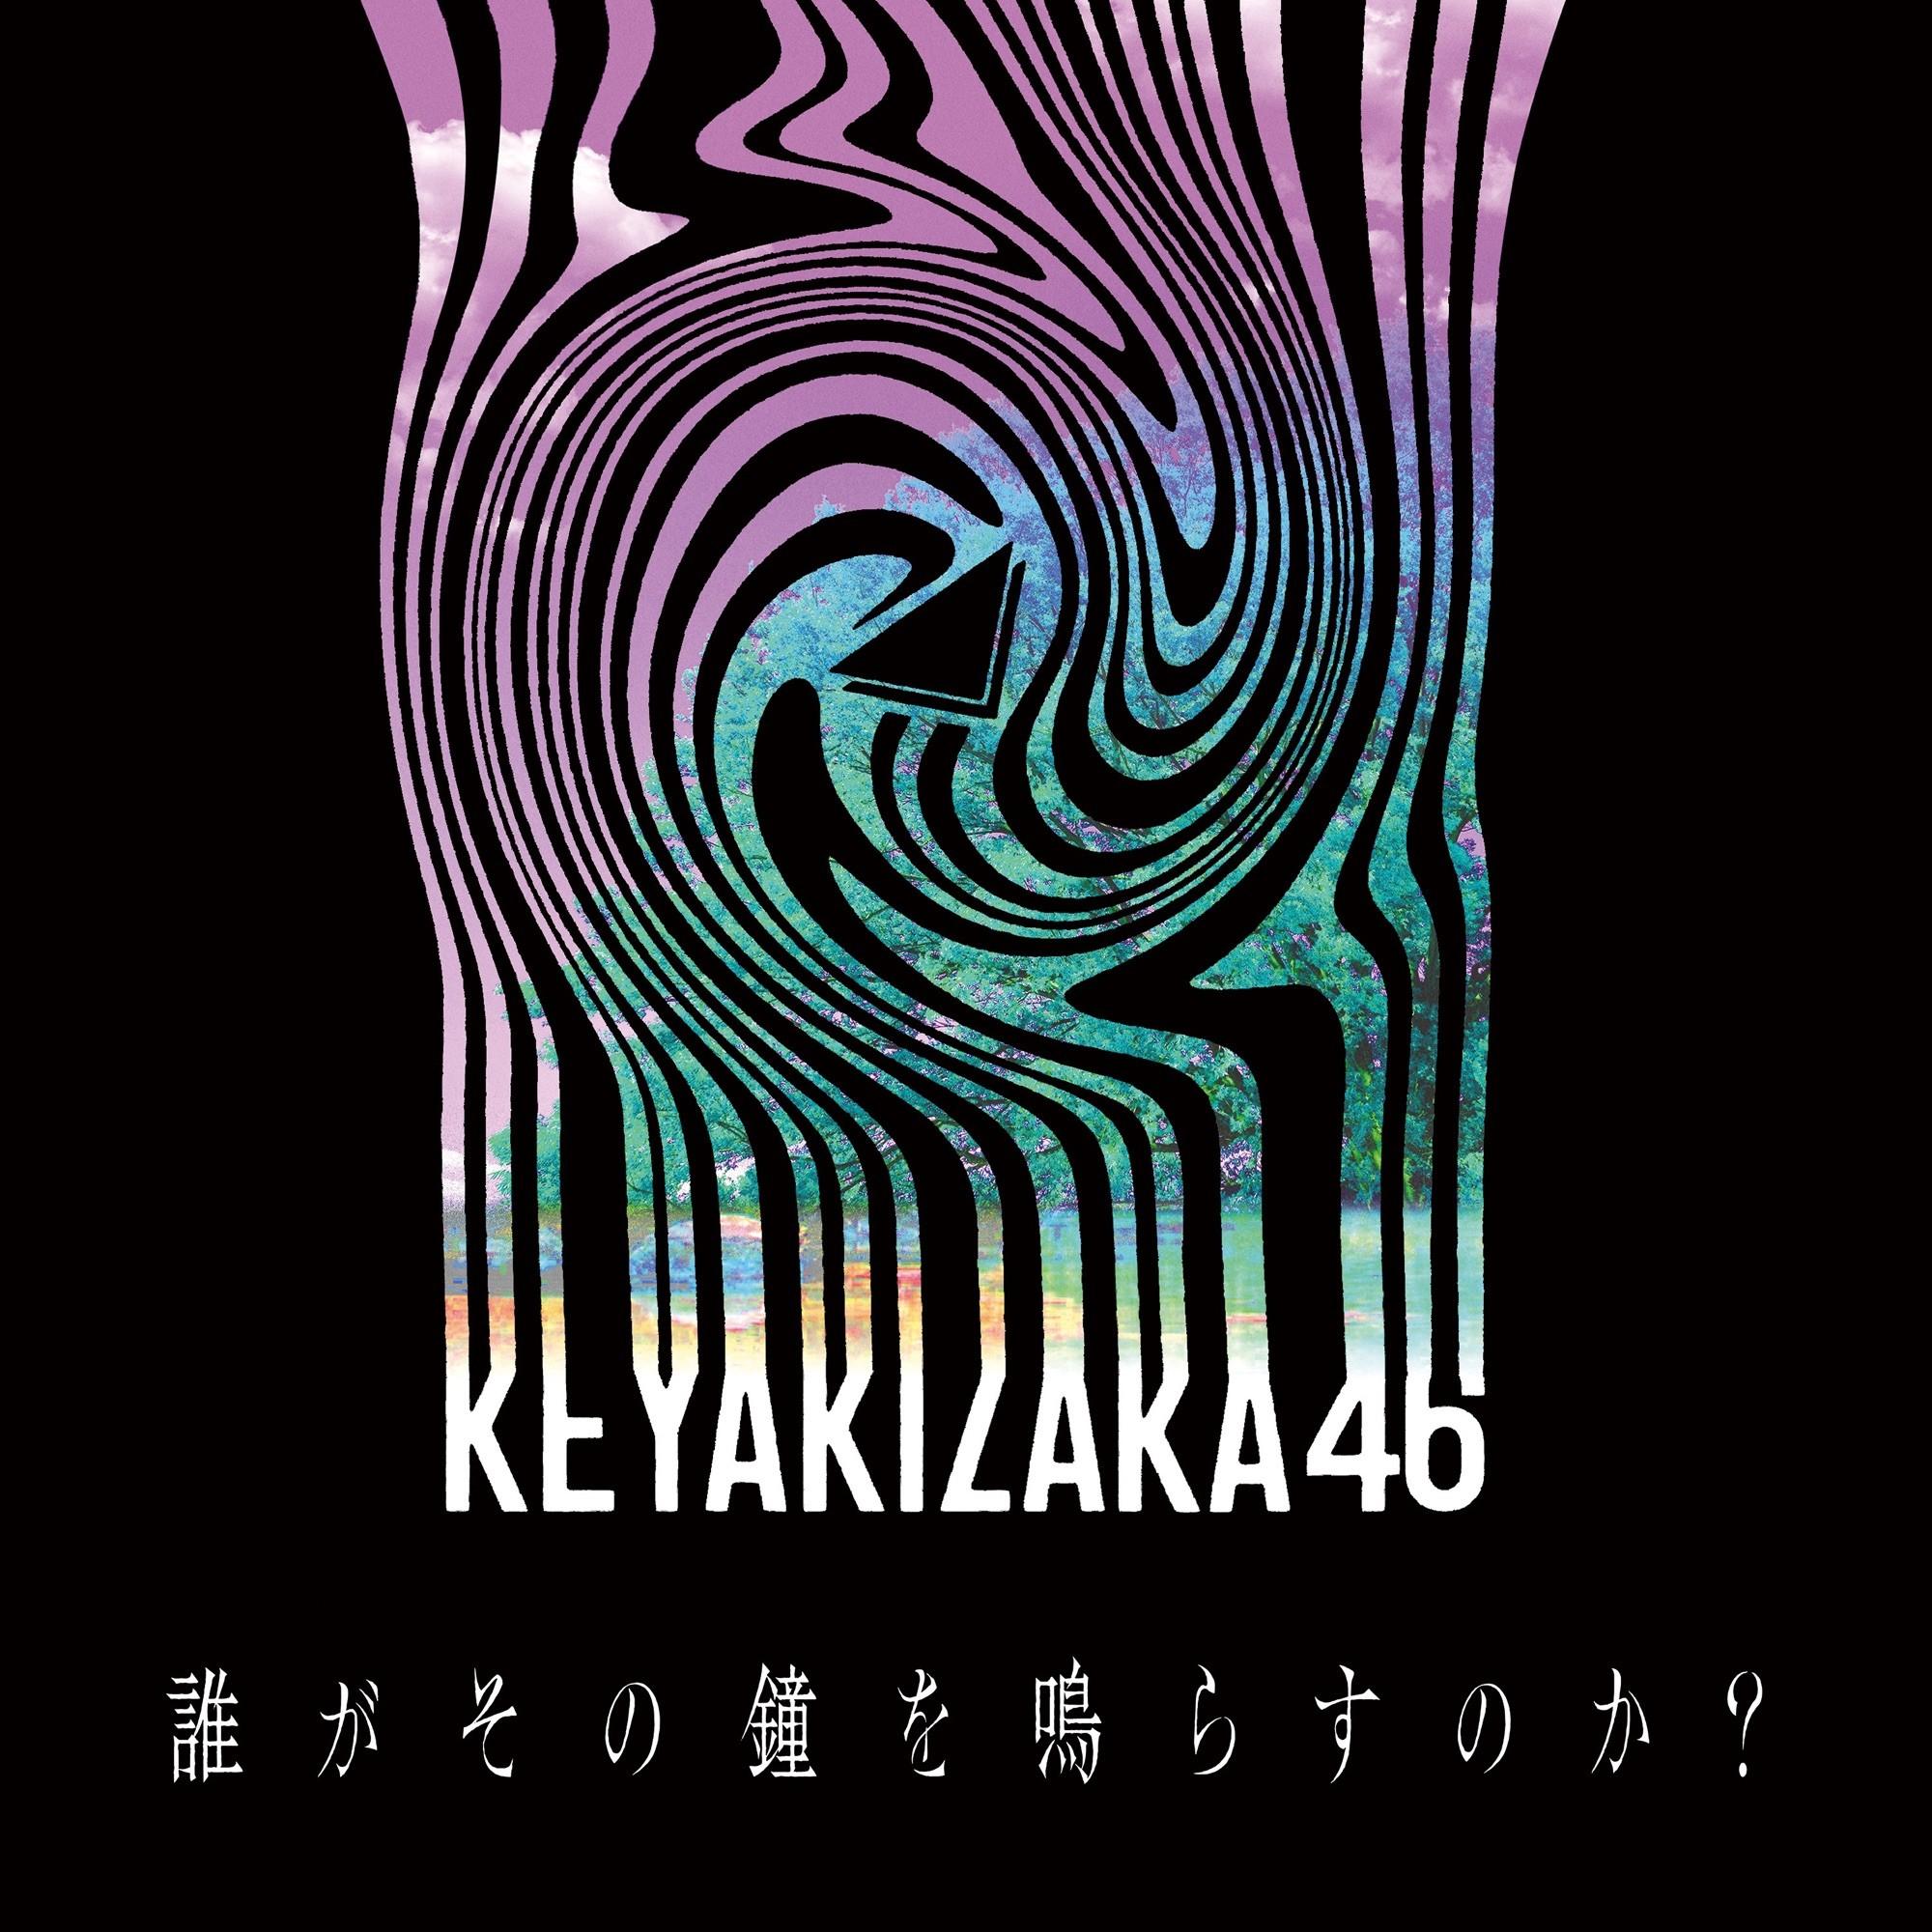 欅坂46 (Keyakizaka46) – 誰がその鐘を鳴らすのか? [FLAC + MP3 320 / WEB] [2020.08.21]